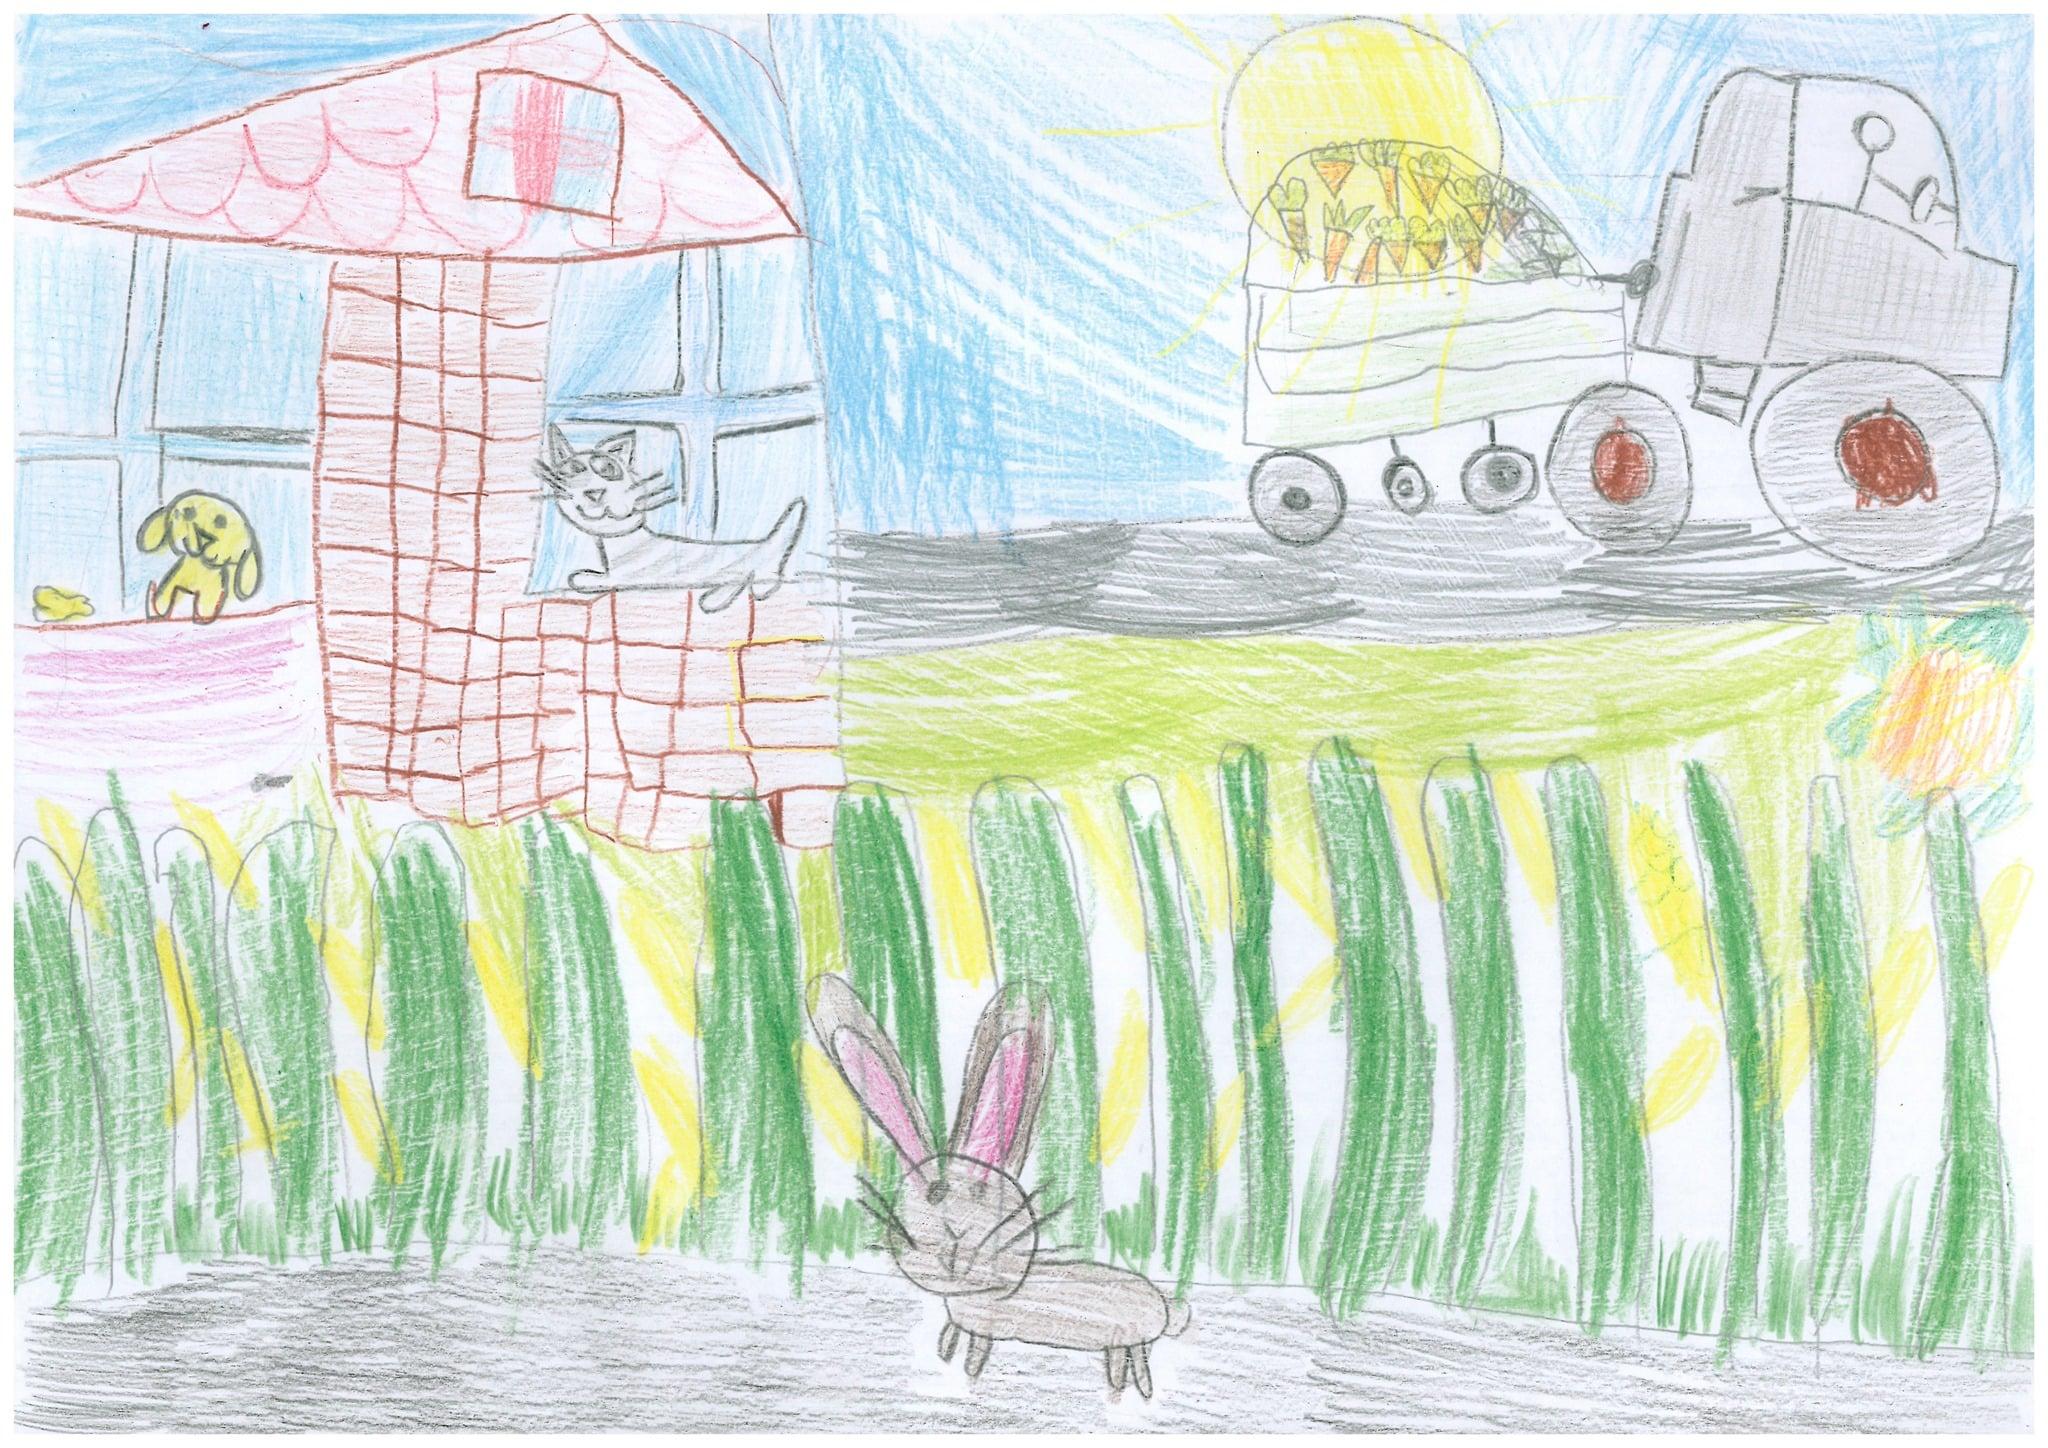 Obrazek narysowany przez dziecko przedstawia królika i jego przyjaciół.